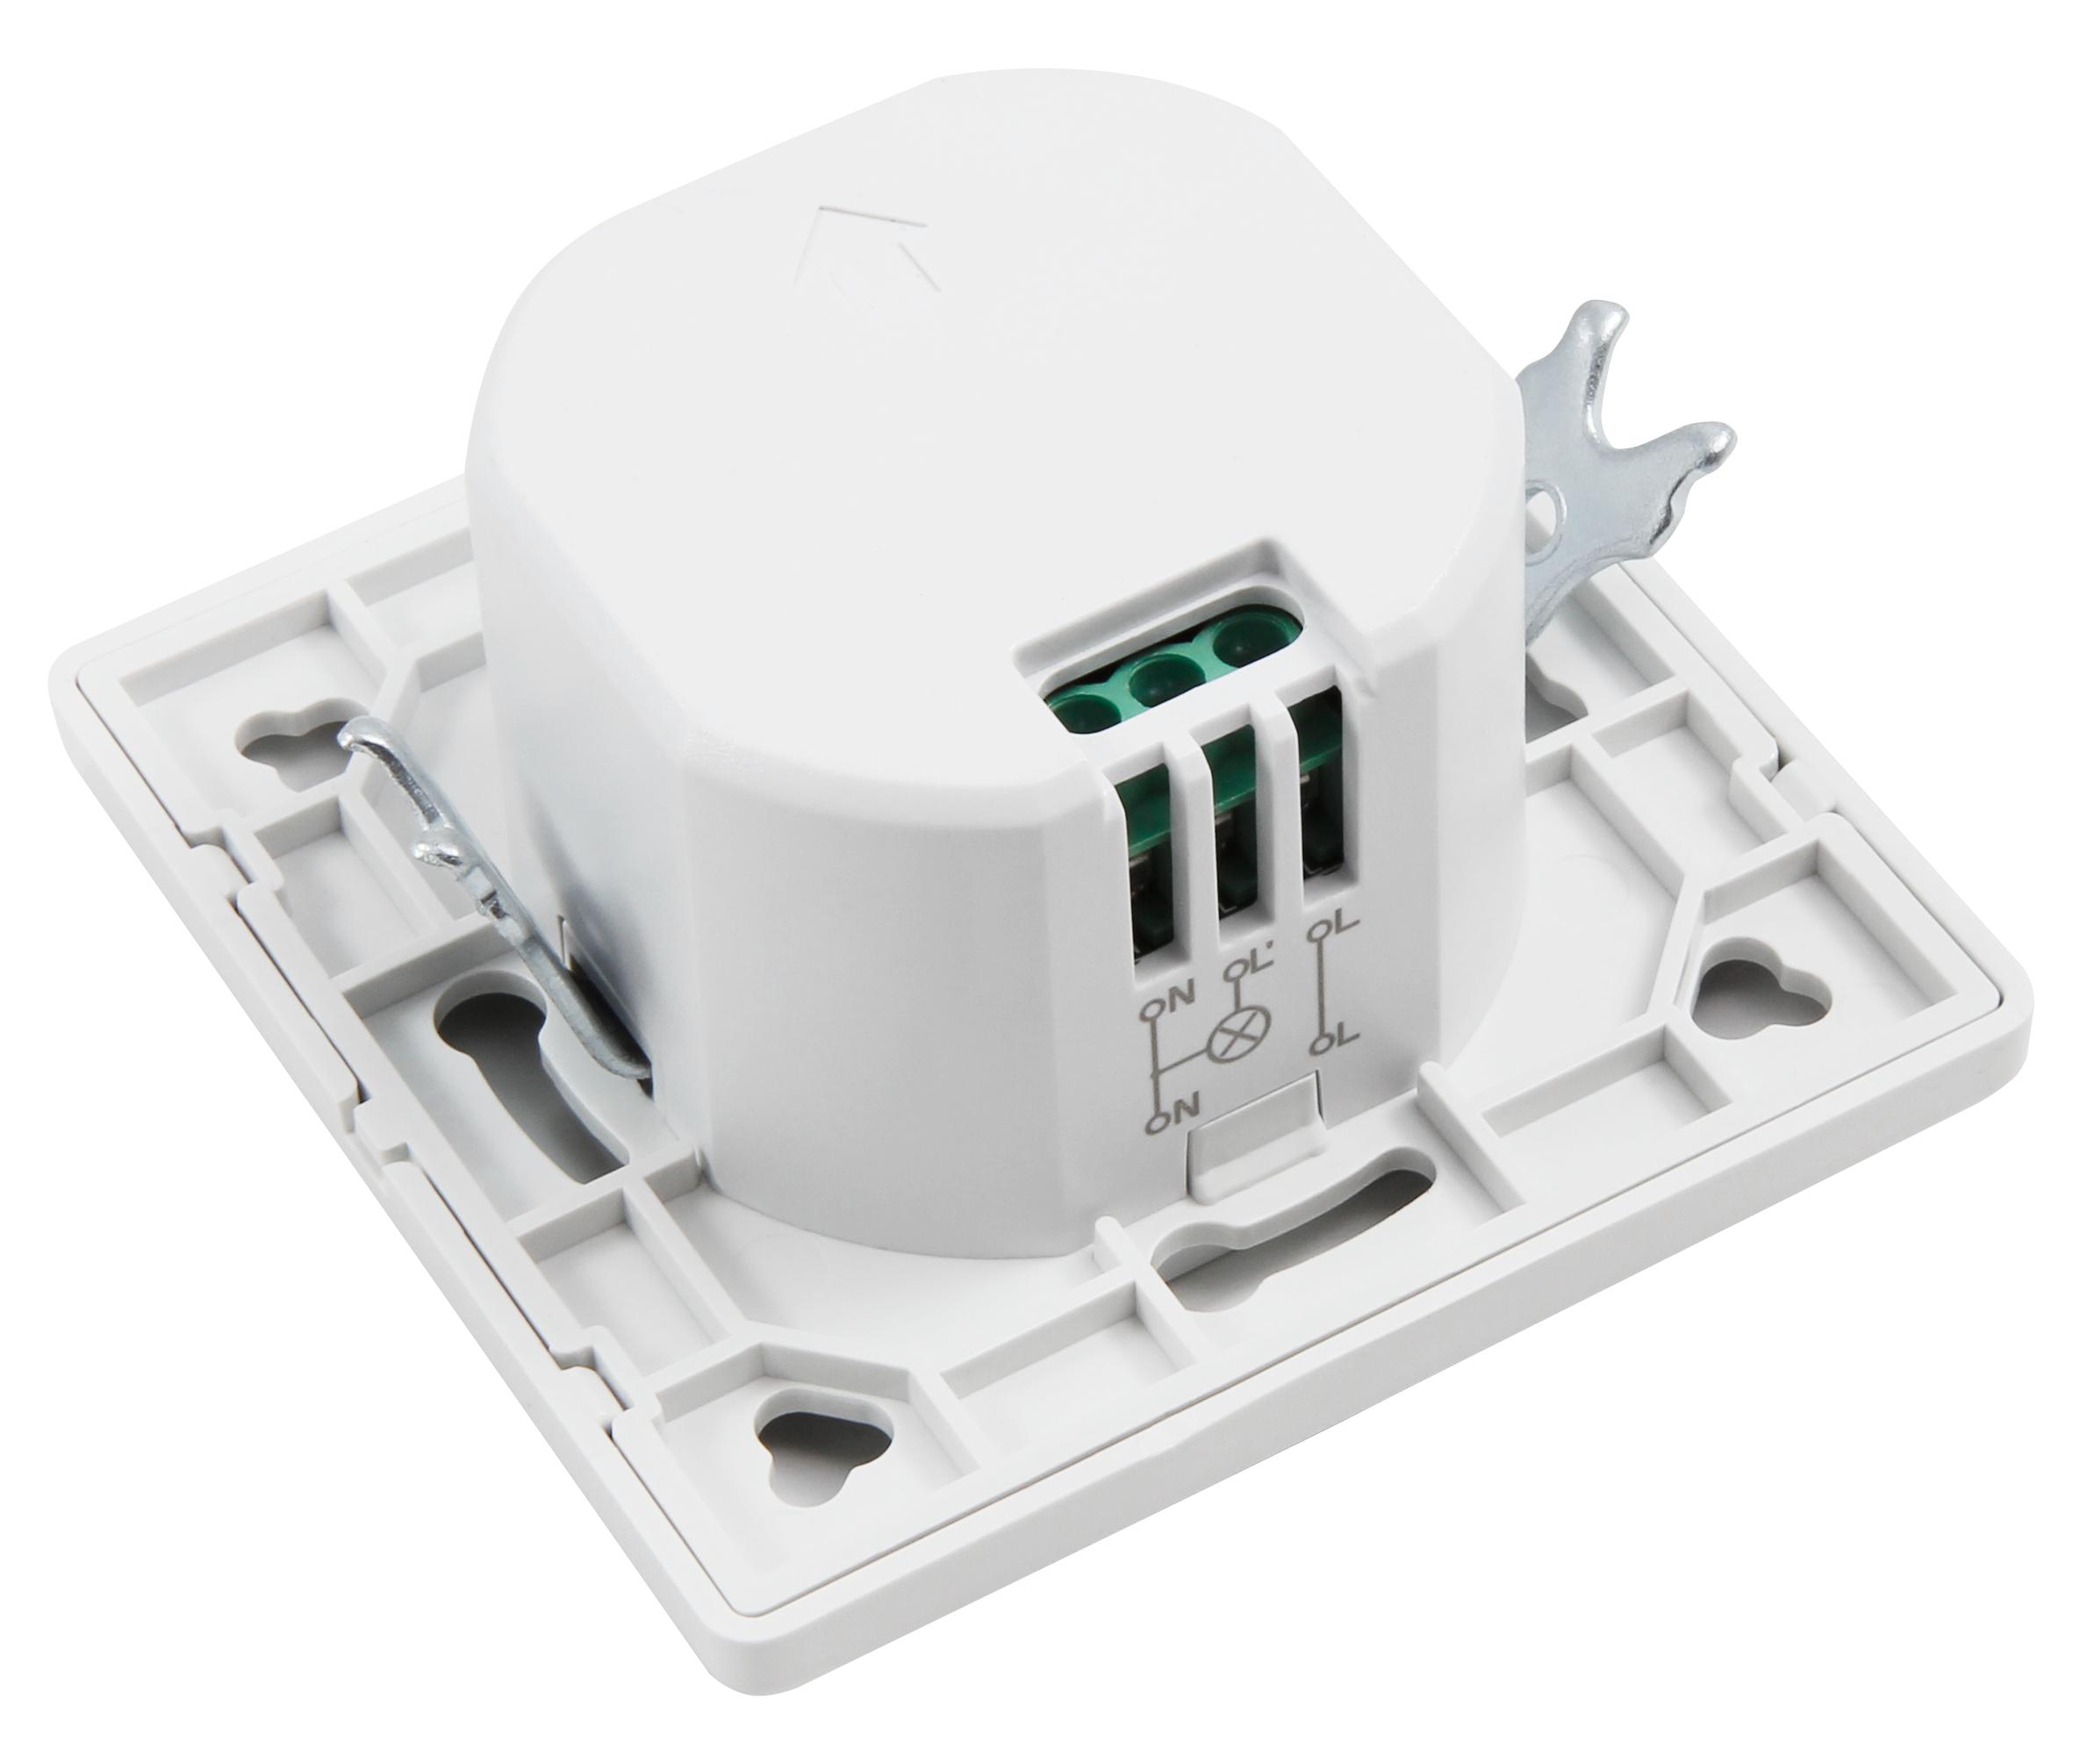 HF / Mikrowellen-Bewegungsmelder McShine ''LX-754'' 230V/1200W, Unterputz